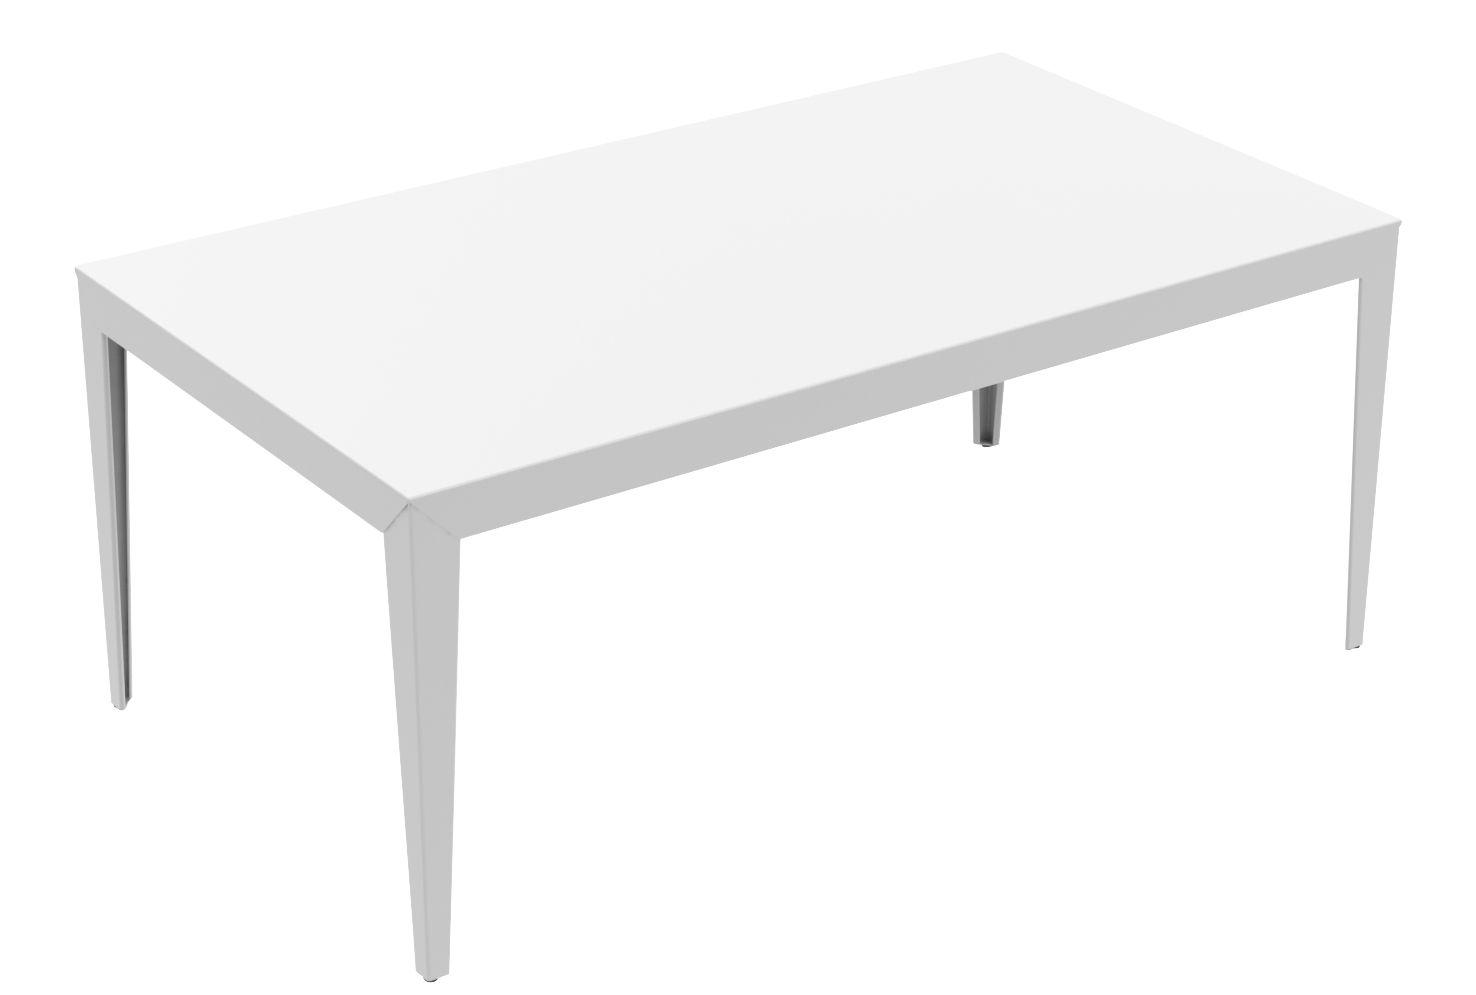 Arredamento - Tavoli - Tavolo Zef - / 180 x 100 cm di Matière Grise - Bianco - Acciaio verniciato epossidico